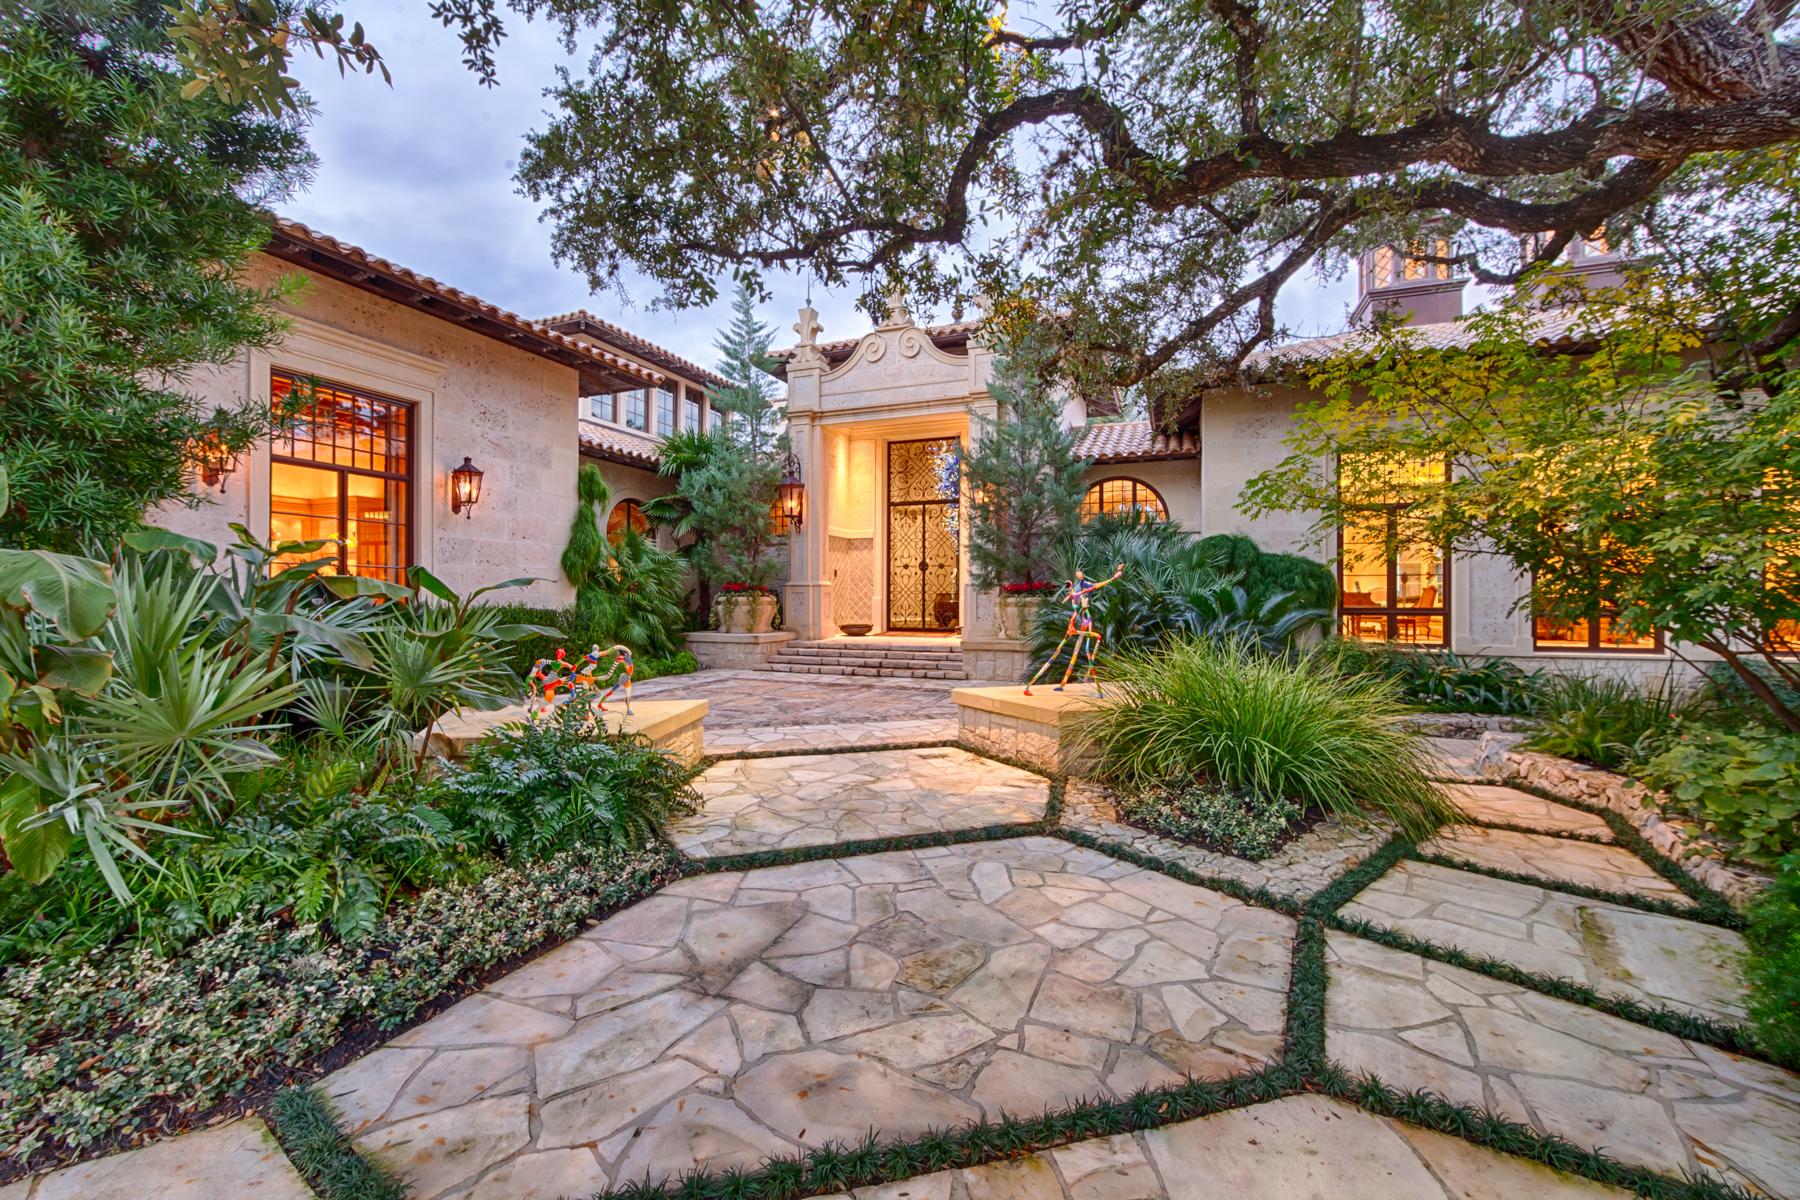 Villa per Vendita alle ore Palazzo Di Campagna 425 W Bitters San Antonio, Texas 78216 Stati Uniti